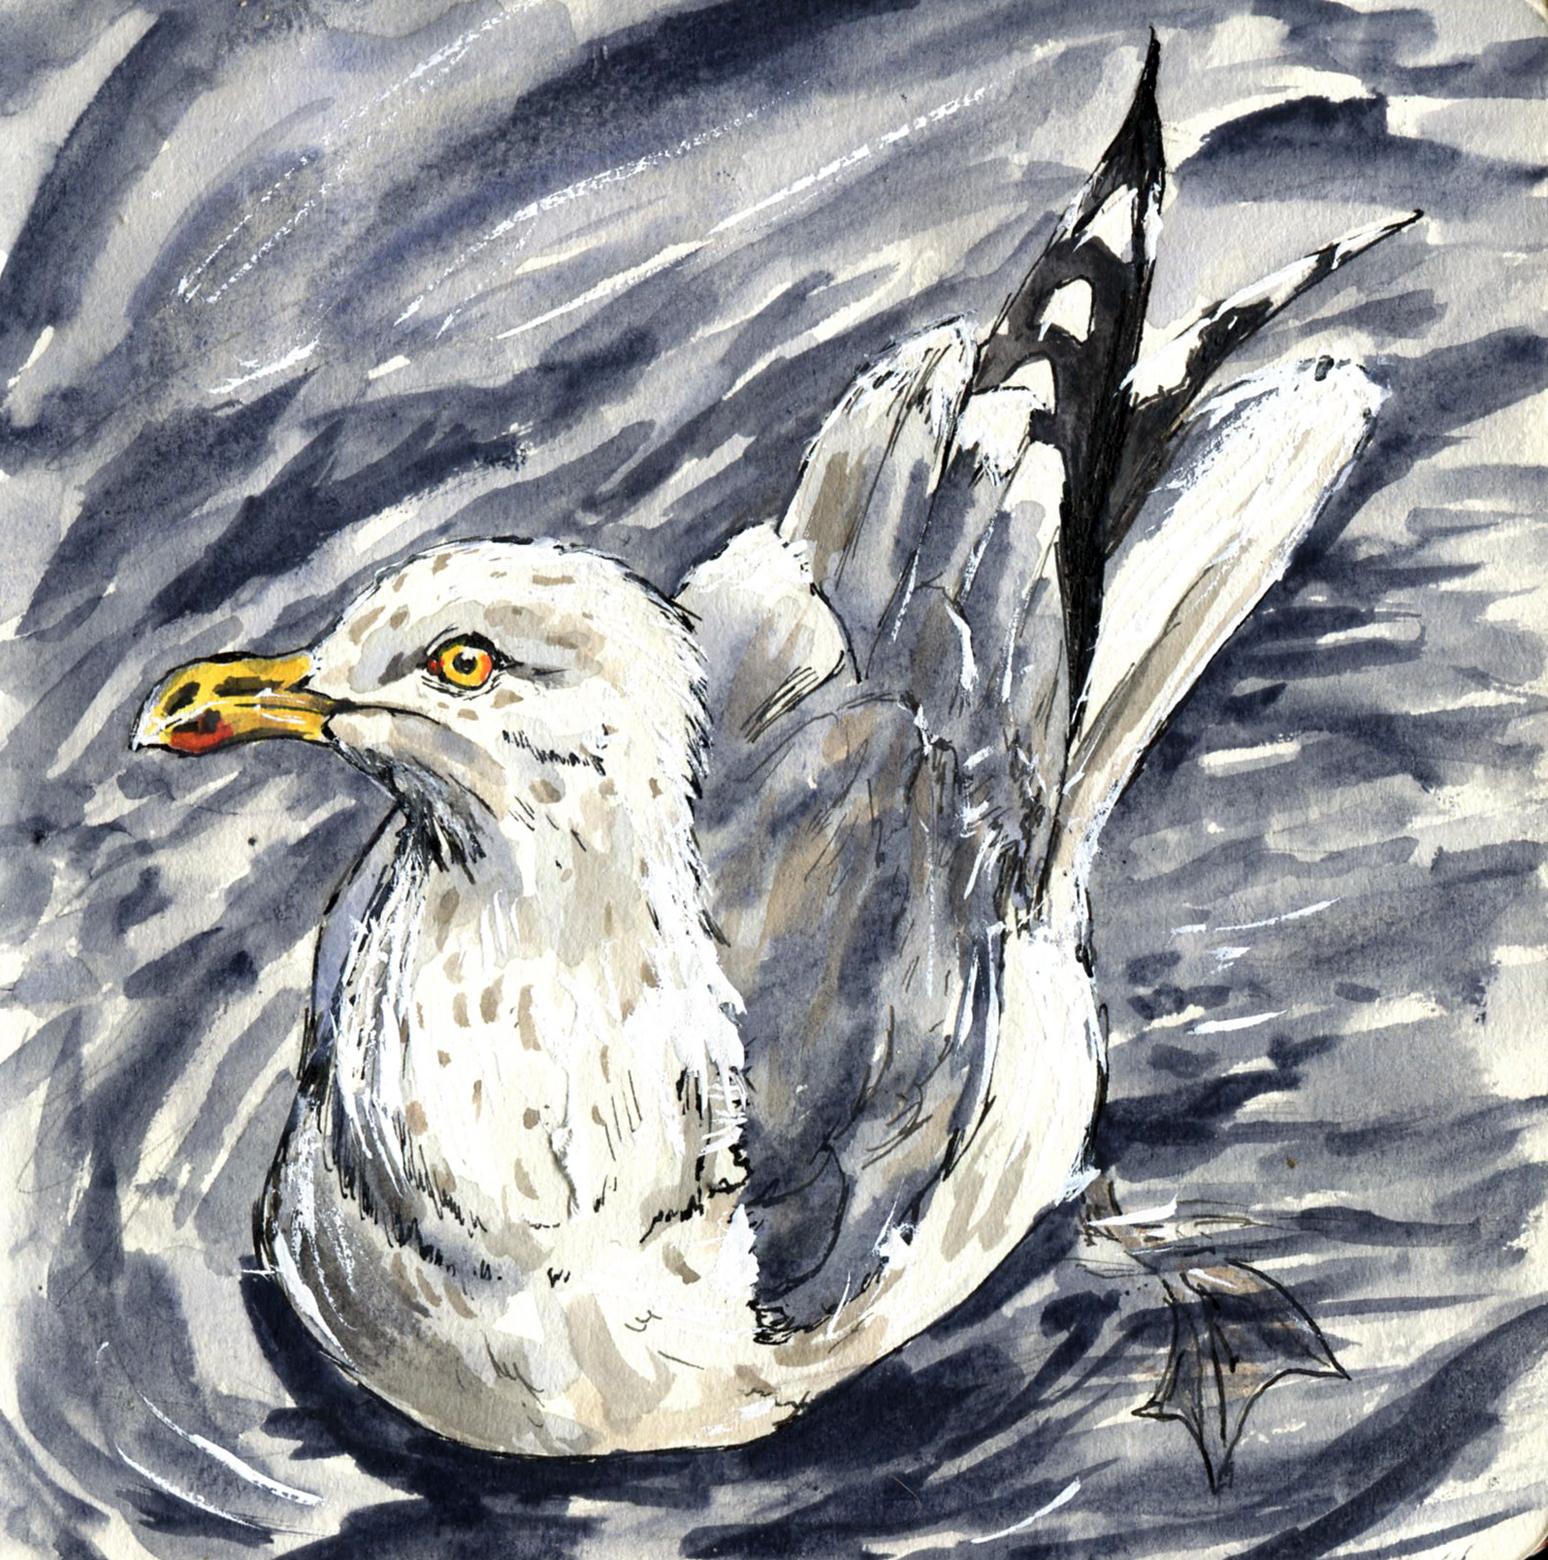 69. Herring Gull